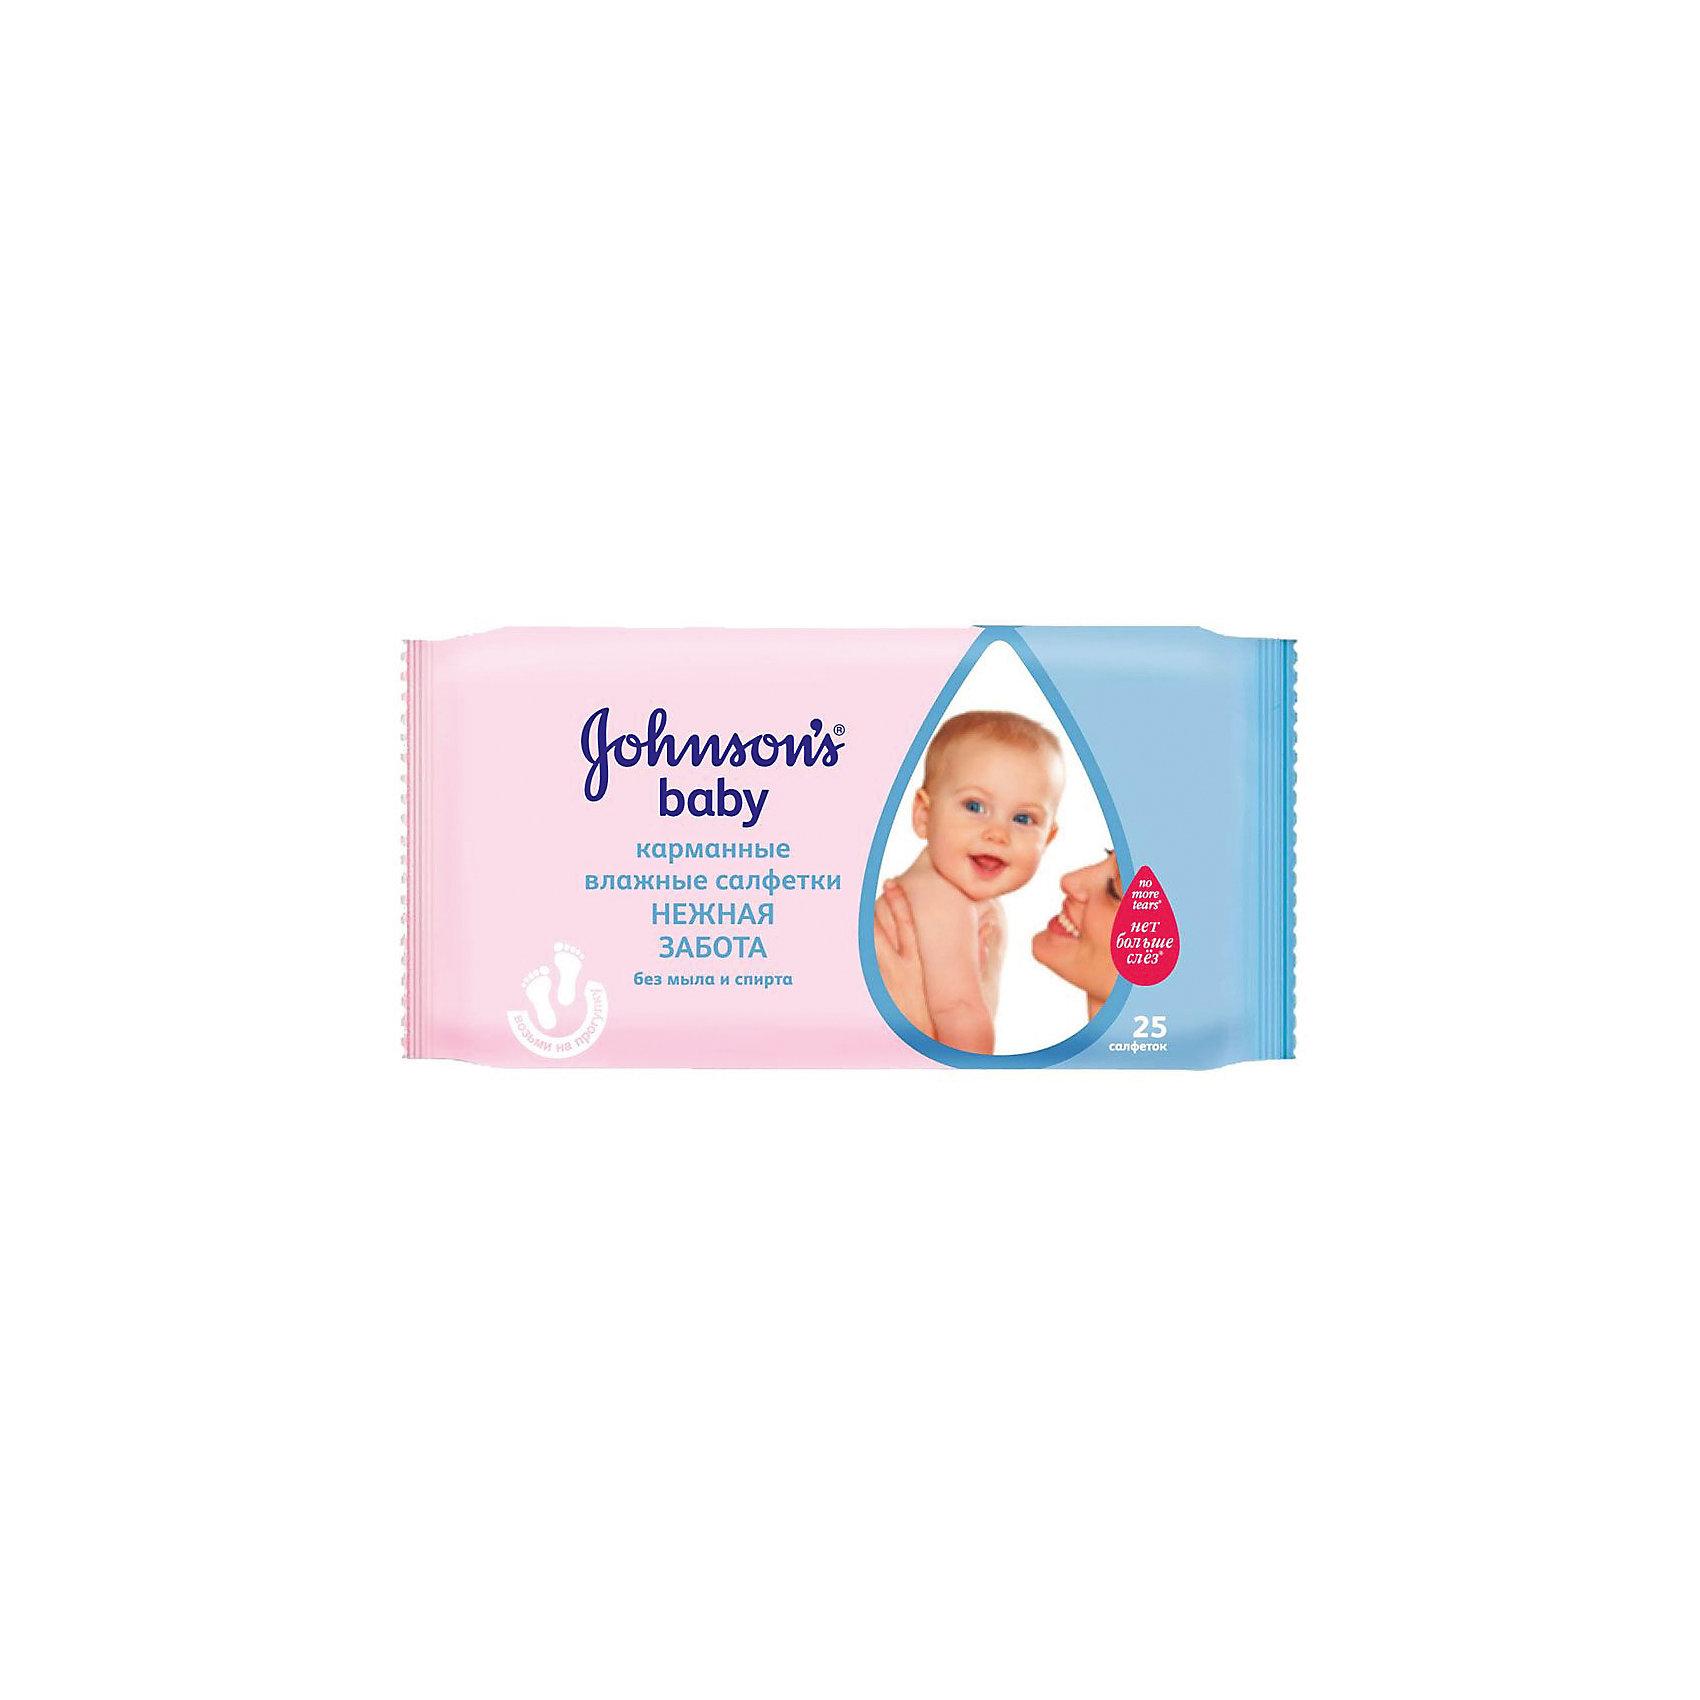 Влажные салфетки Нежная забота 25 шт., Johnson`s babyВлажные салфетки<br>Влажные салфетки Johnsons baby Нежная забота созданы специально для ухода и нежного очищения детской кожи. Они очищают детскую кожу настолько деликатно, что их можно использовать даже для чувствительной области вокруг глаз. Салфетки пропитаны очищающим детским лосьоном, на 97% состоящим из чистейшей воды, и содержат ингредиенты натурального происхождения.<br><br>Ширина мм: 55<br>Глубина мм: 136<br>Высота мм: 98<br>Вес г: 155<br>Возраст от месяцев: 0<br>Возраст до месяцев: 36<br>Пол: Унисекс<br>Возраст: Детский<br>SKU: 4796691